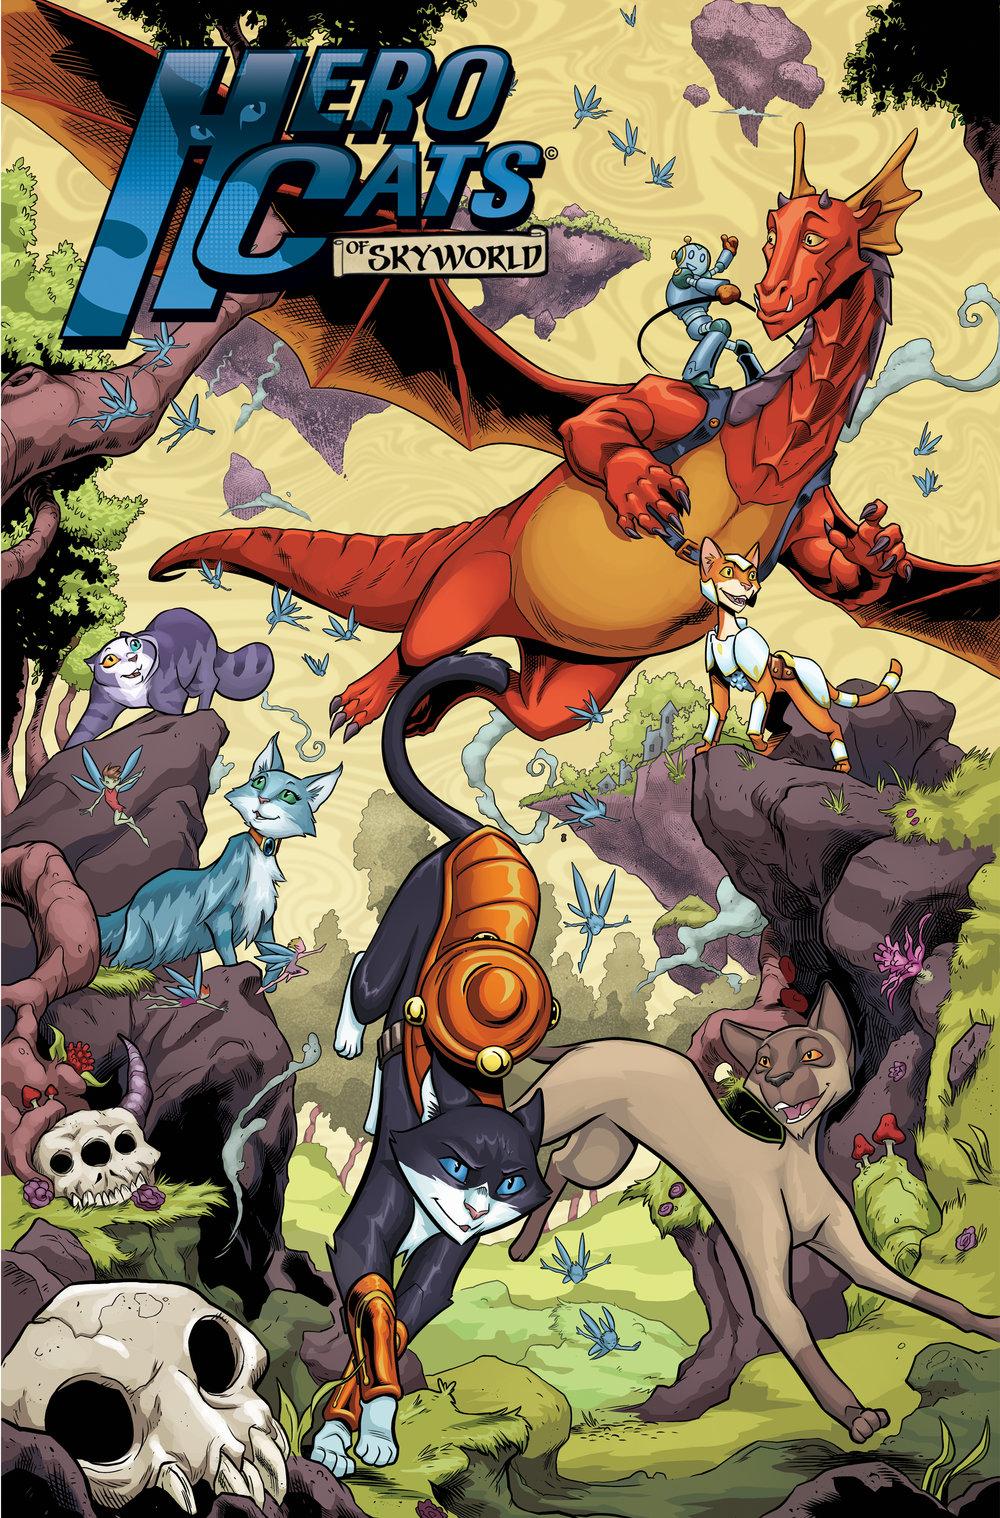 Hero Cats of Skyworld 6 TPB Cover.jpg